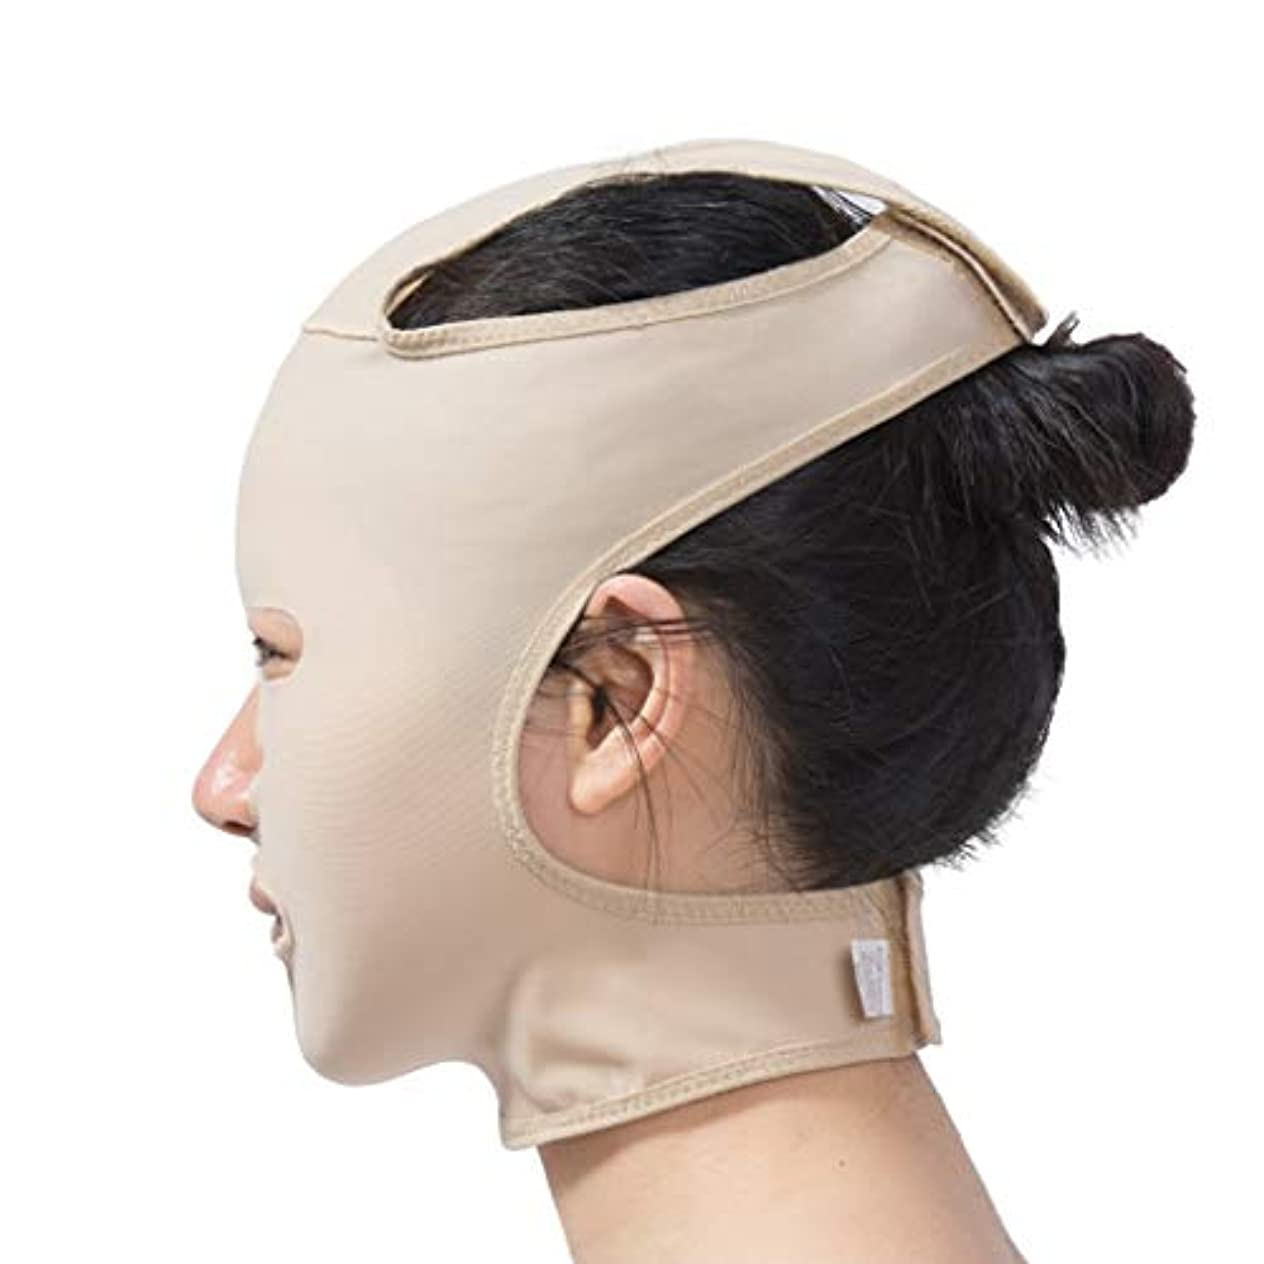 着飾る除外するバラ色XHLMRMJ フェイスリフトマスク、フルフェイスマスク医療グレード圧力フェイスダブルチンプラスチック脂肪吸引術弾性包帯ヘッドギア後の顔の脂肪吸引術 (Size : XL)